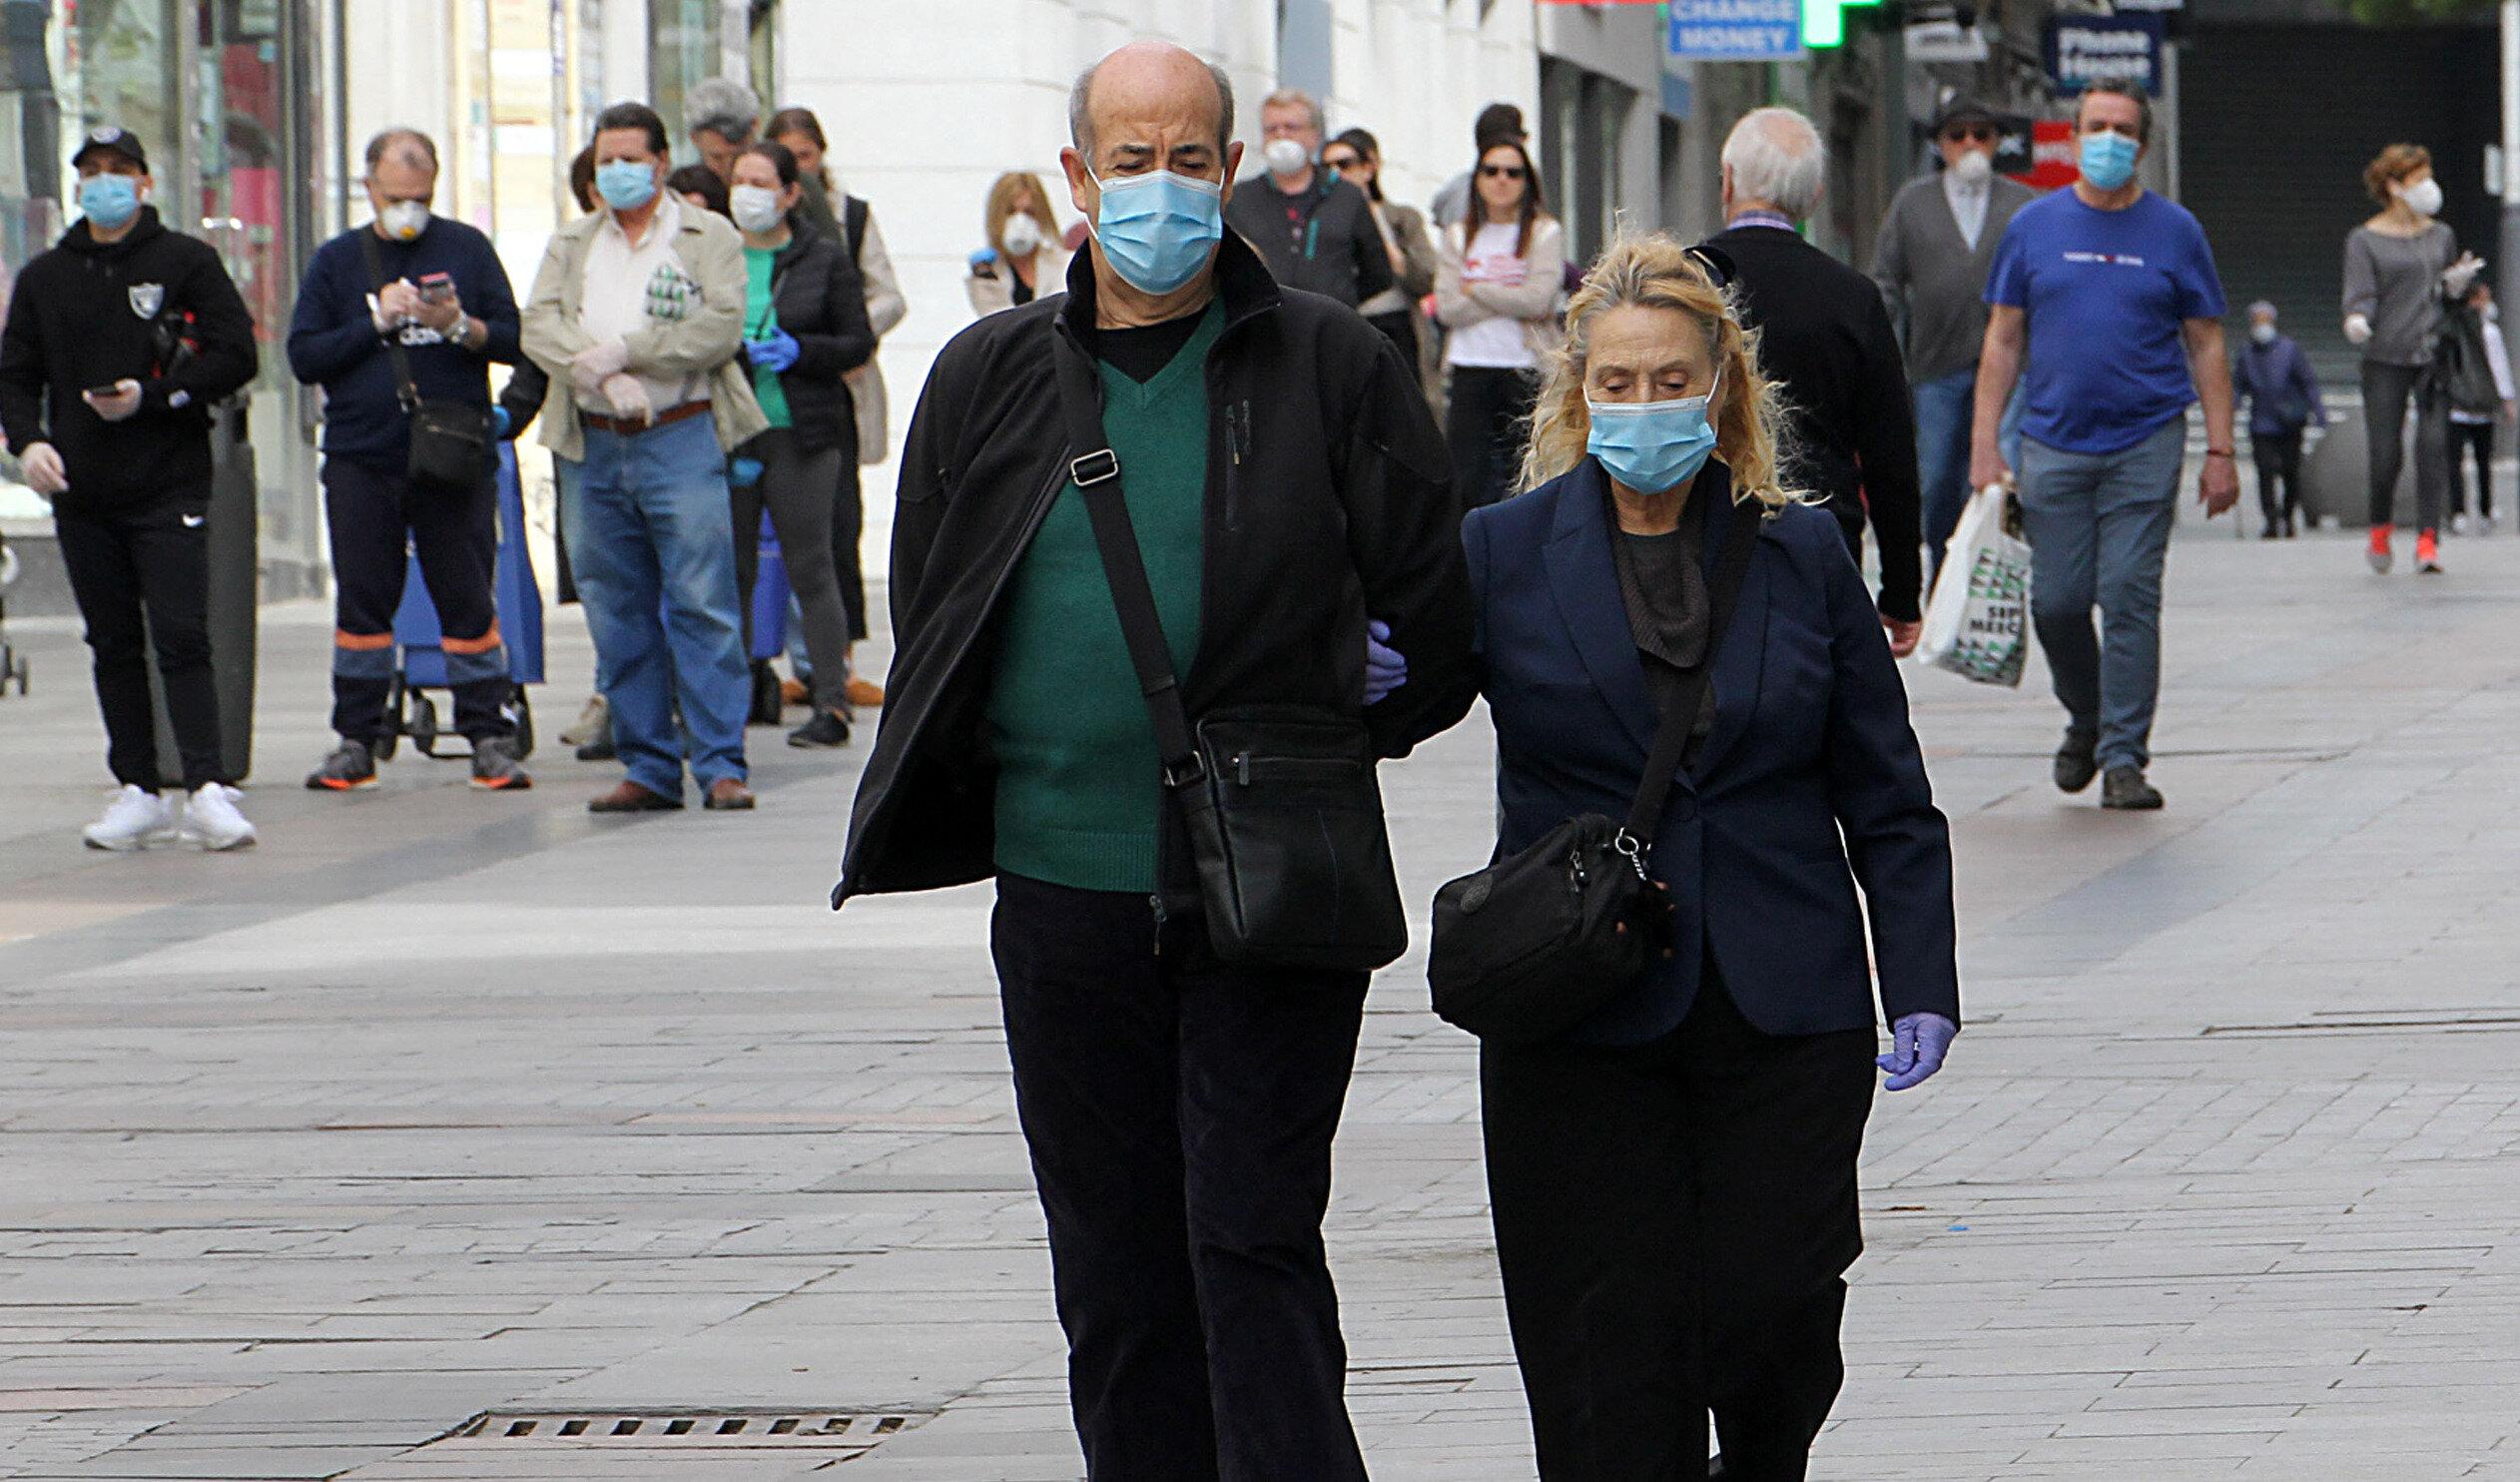 Izolarea nu aduce niciun beneficiu privind numărul de contaminări, arată un studiu realizat cu date din 10 țări